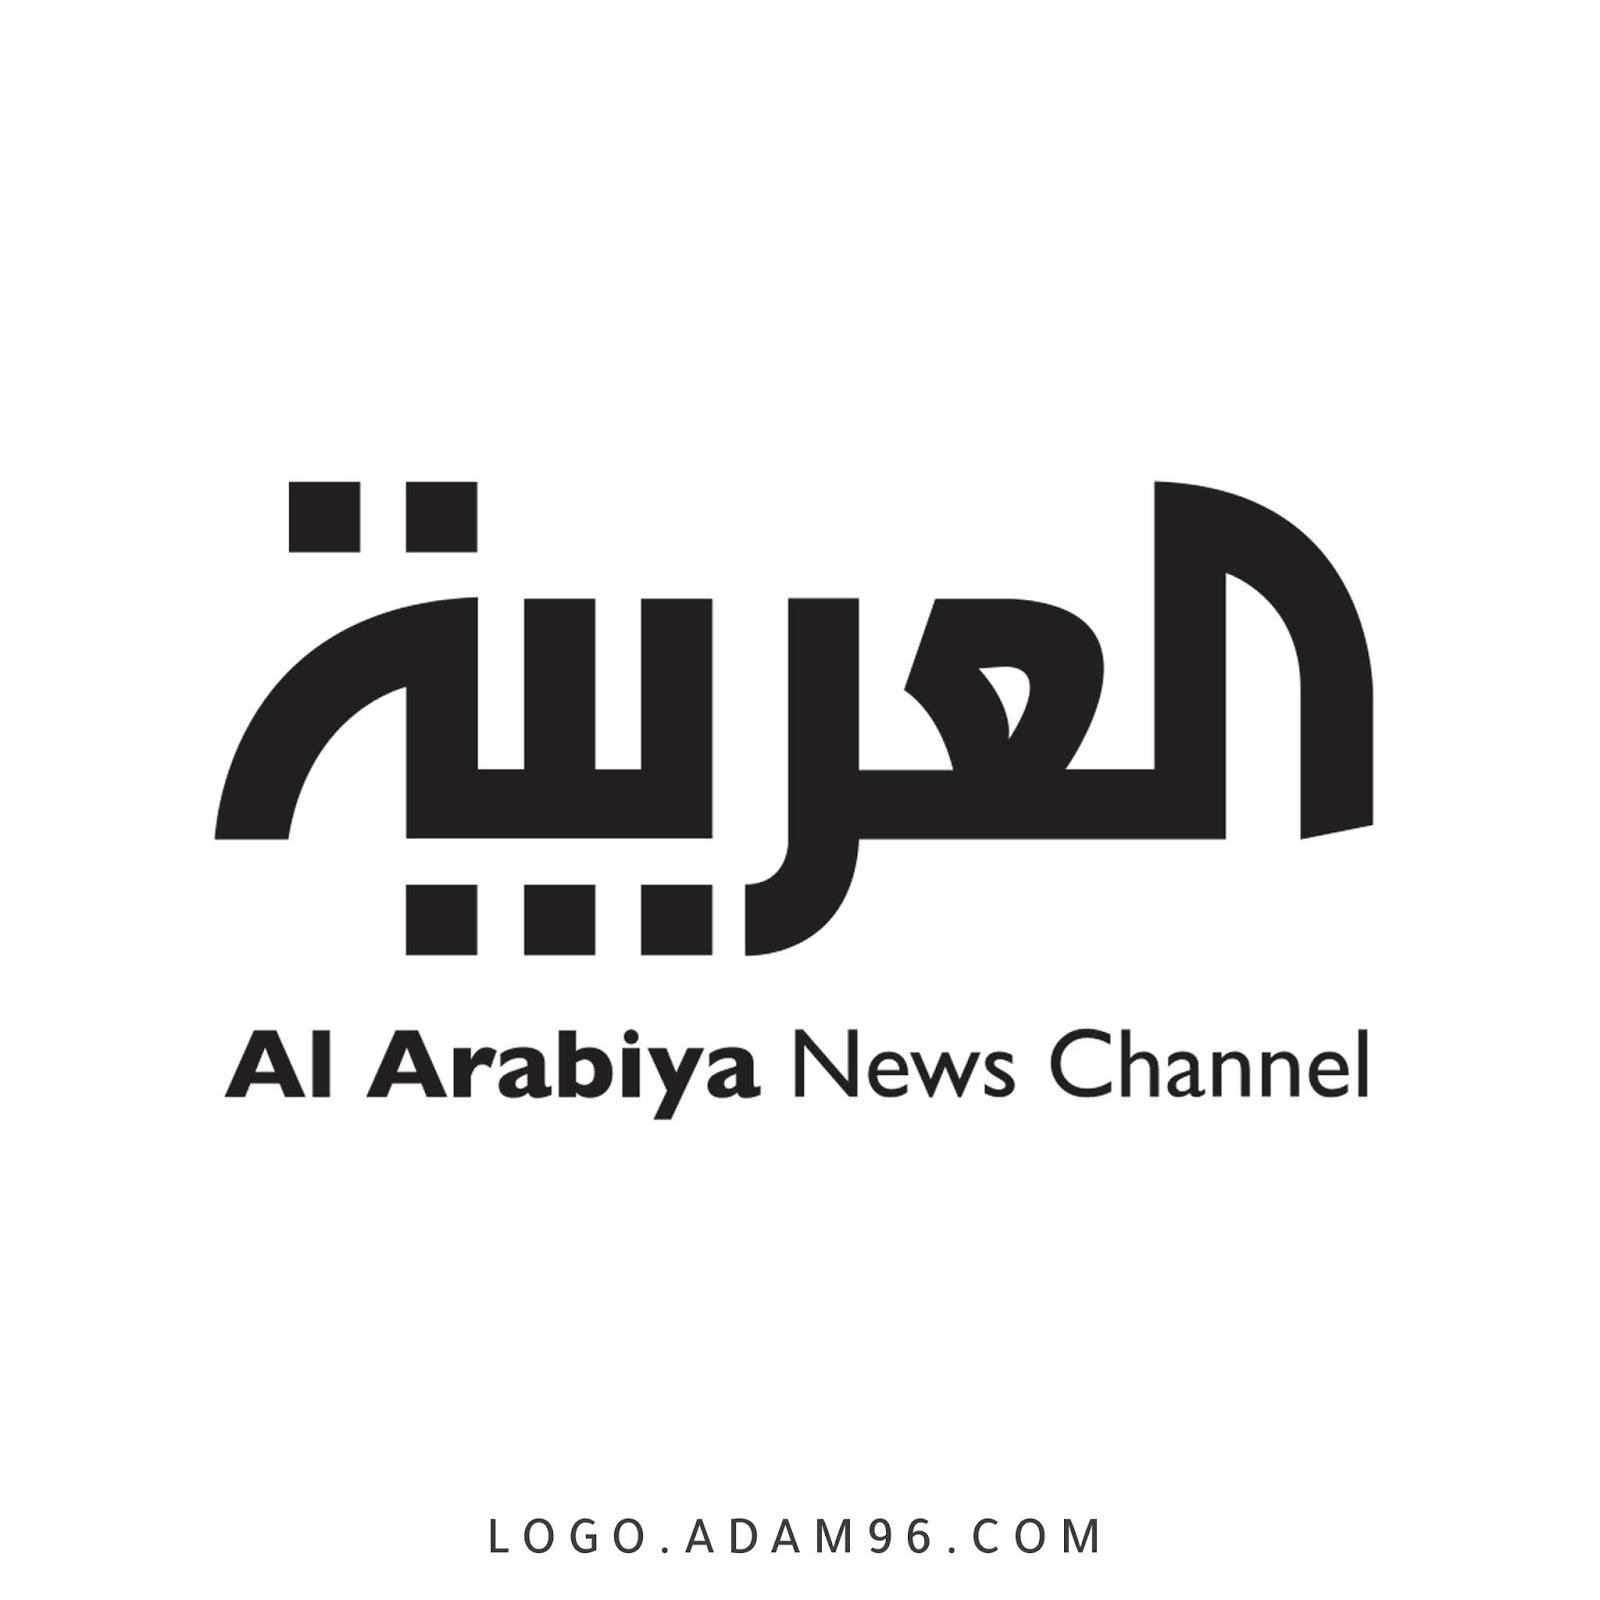 تحميل شعار قناة العربية الاخبارية Logo Al Arabiya Png